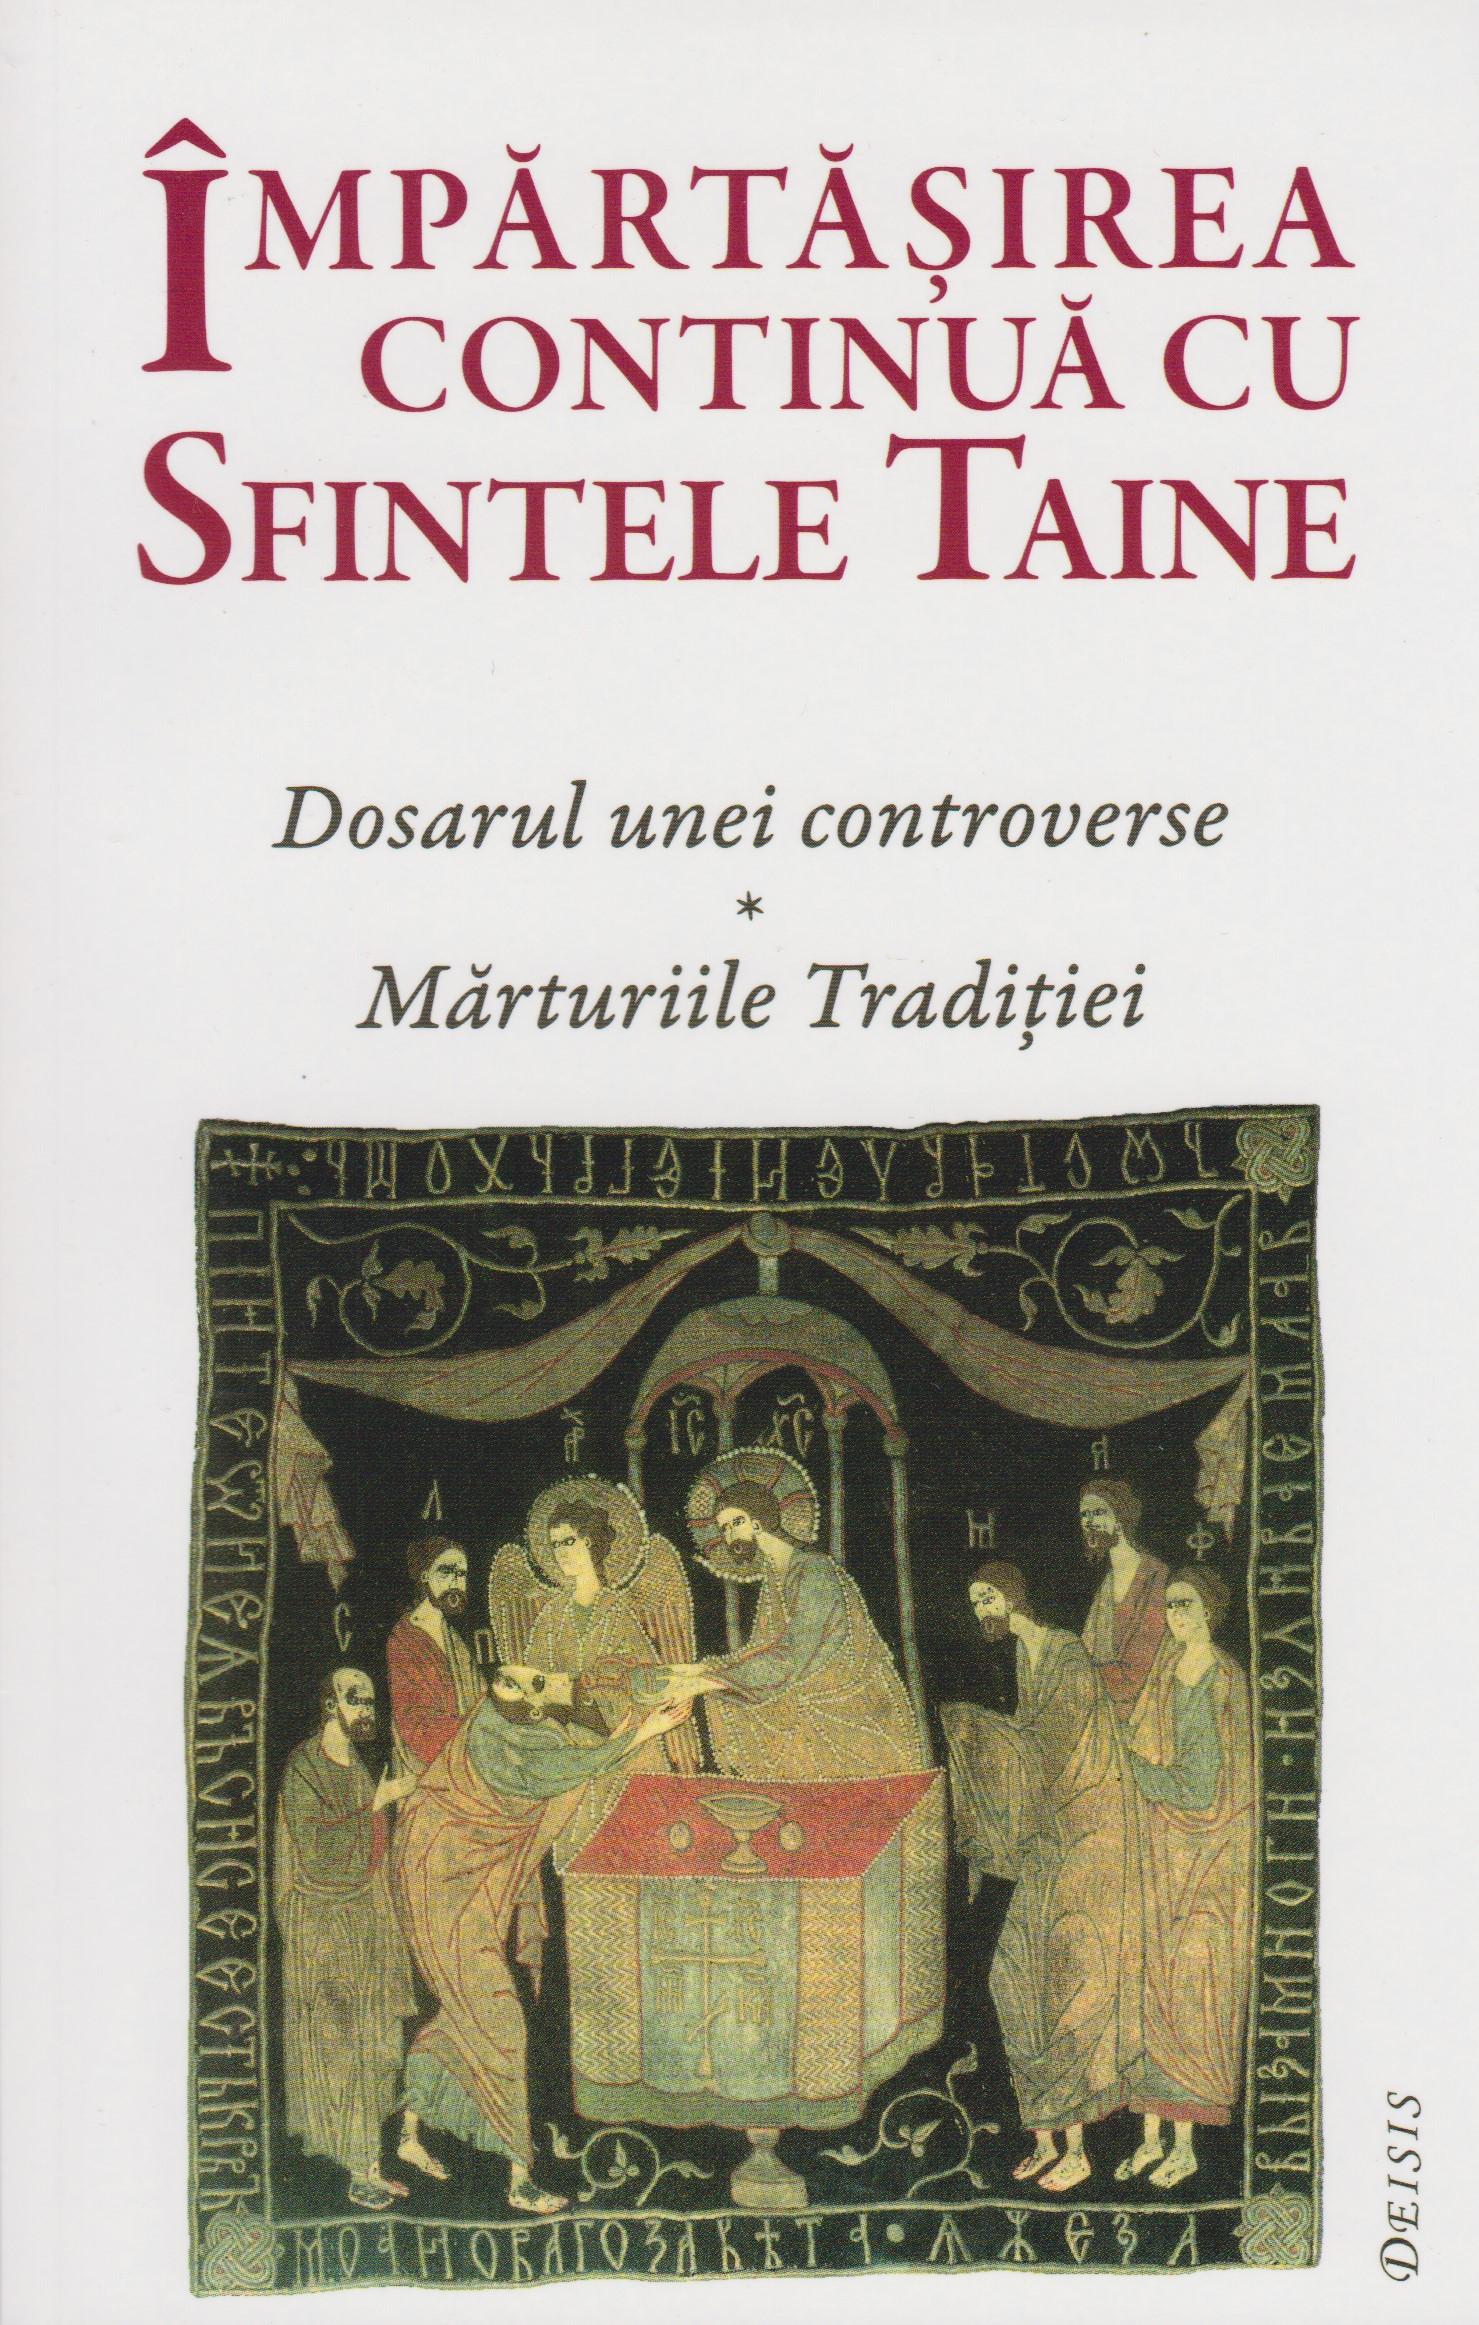 Impartasirea continua cu Sfintele Taine. Dosarul unei controverse, marturiile Traditiei